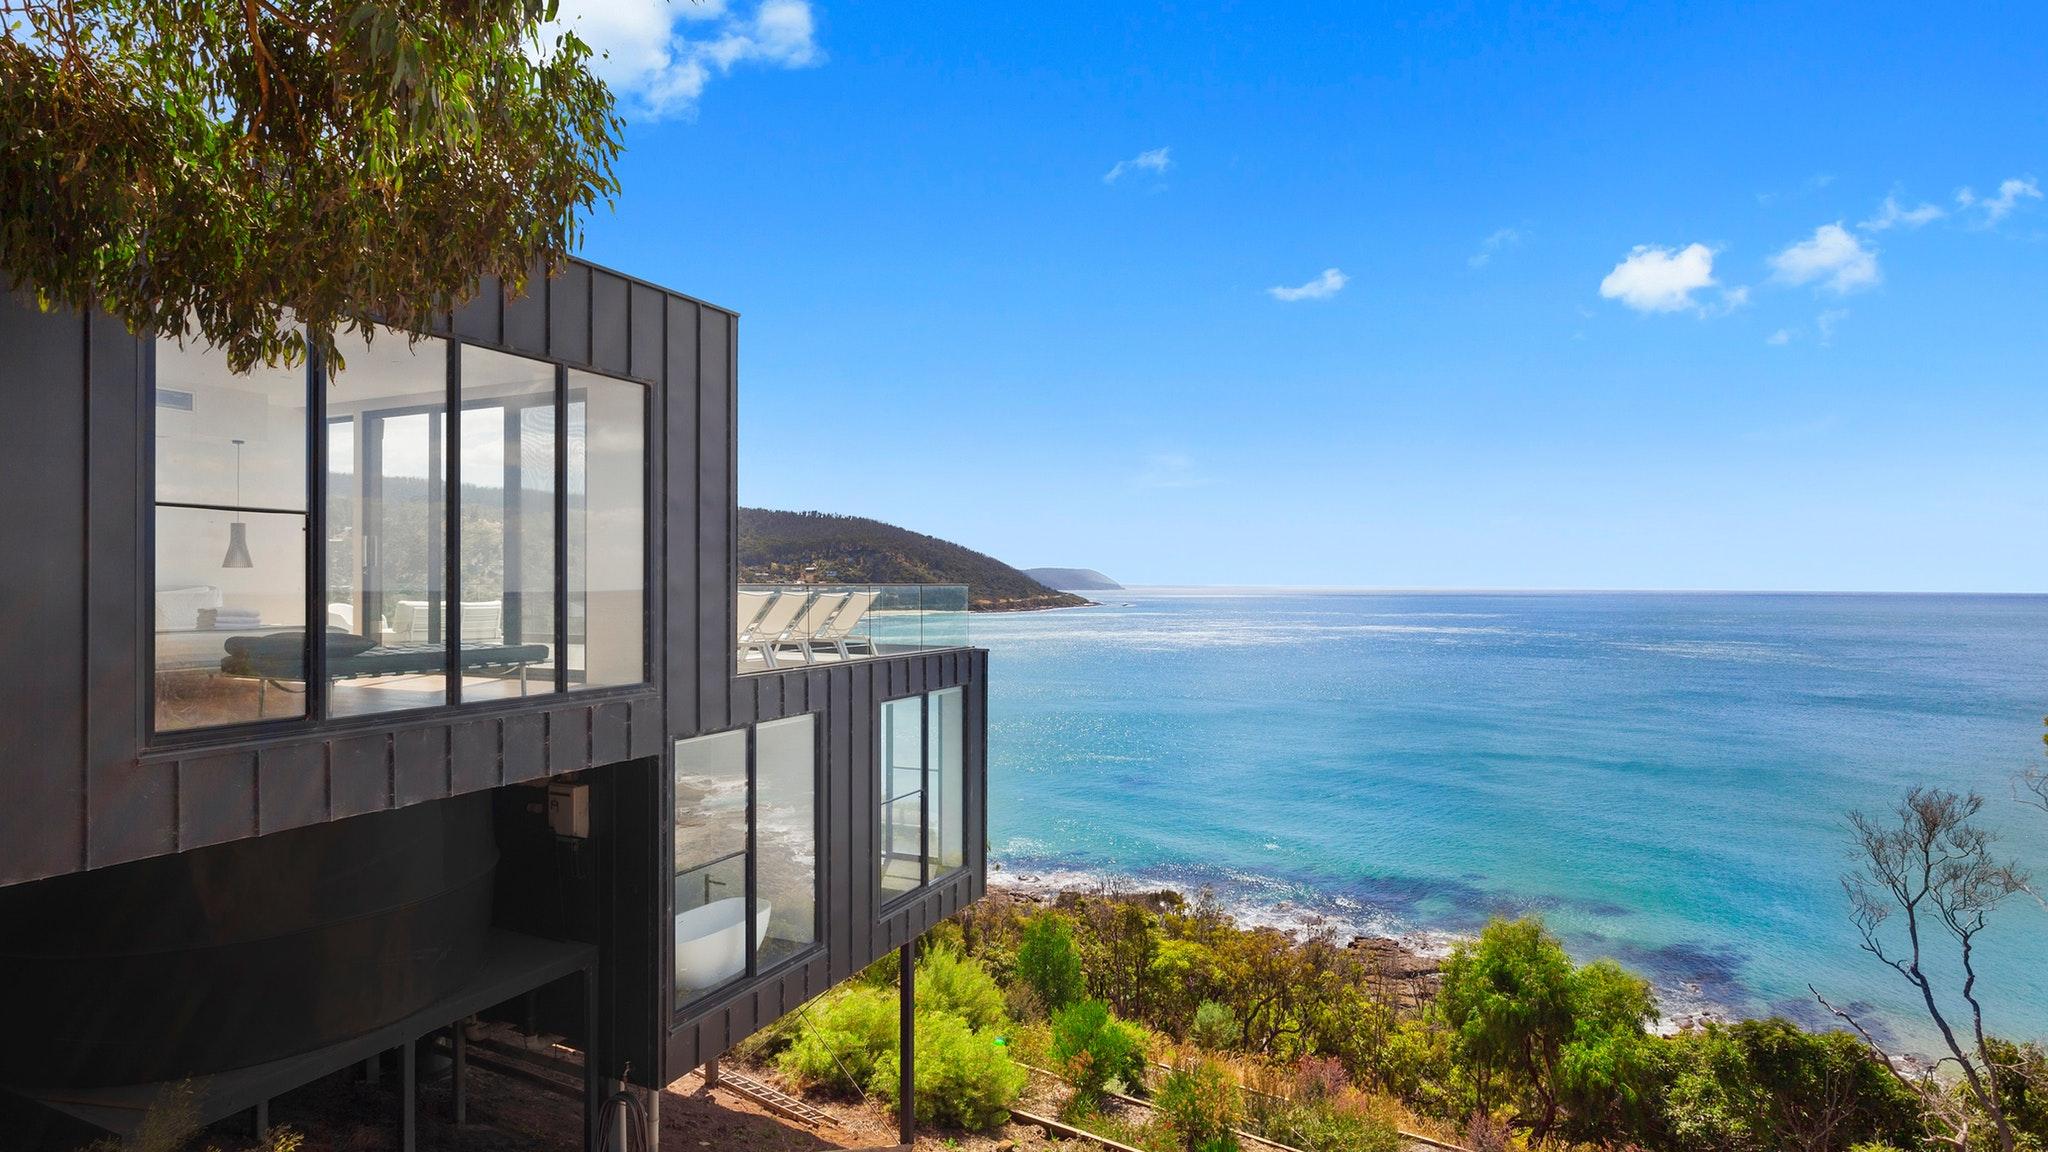 cape wye accommodation great ocean road victoria australia rh visitvictoria com